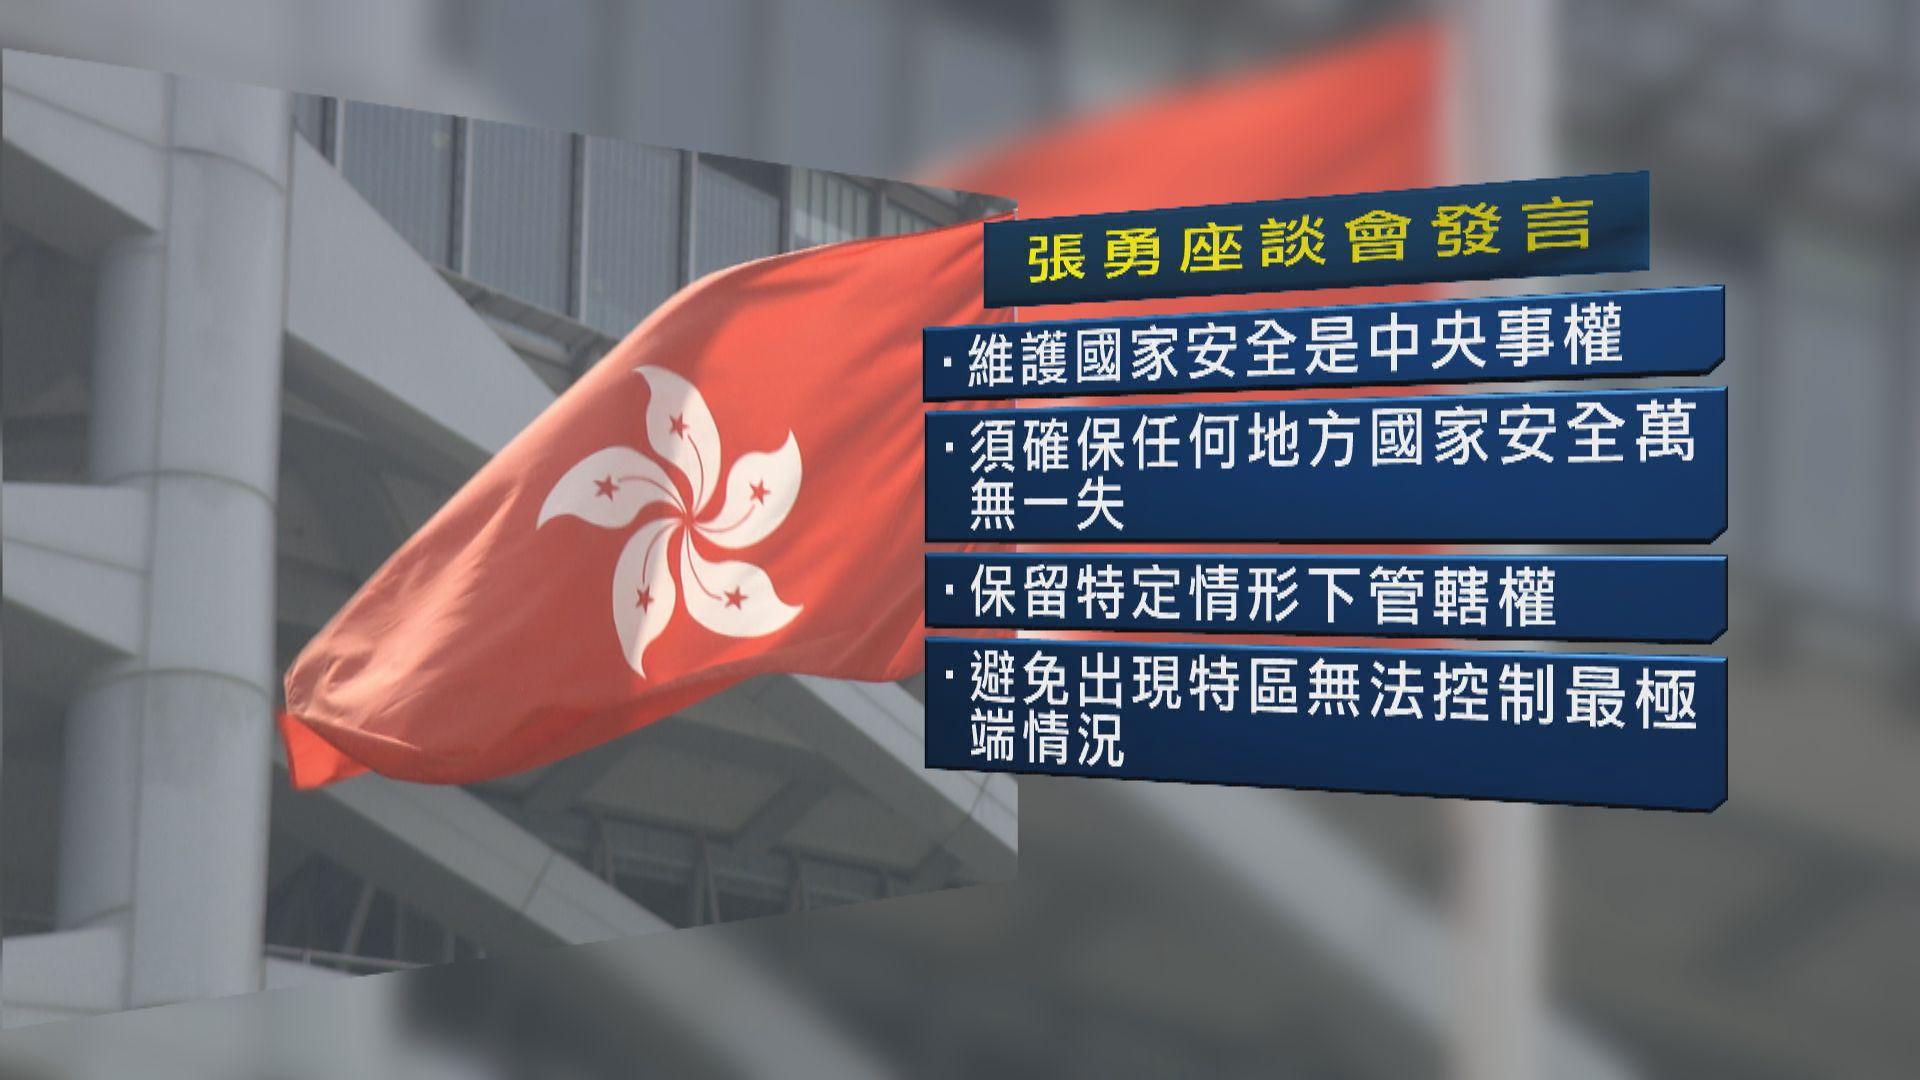 張勇:中央保留特定情形管轄權不影響司法獨立